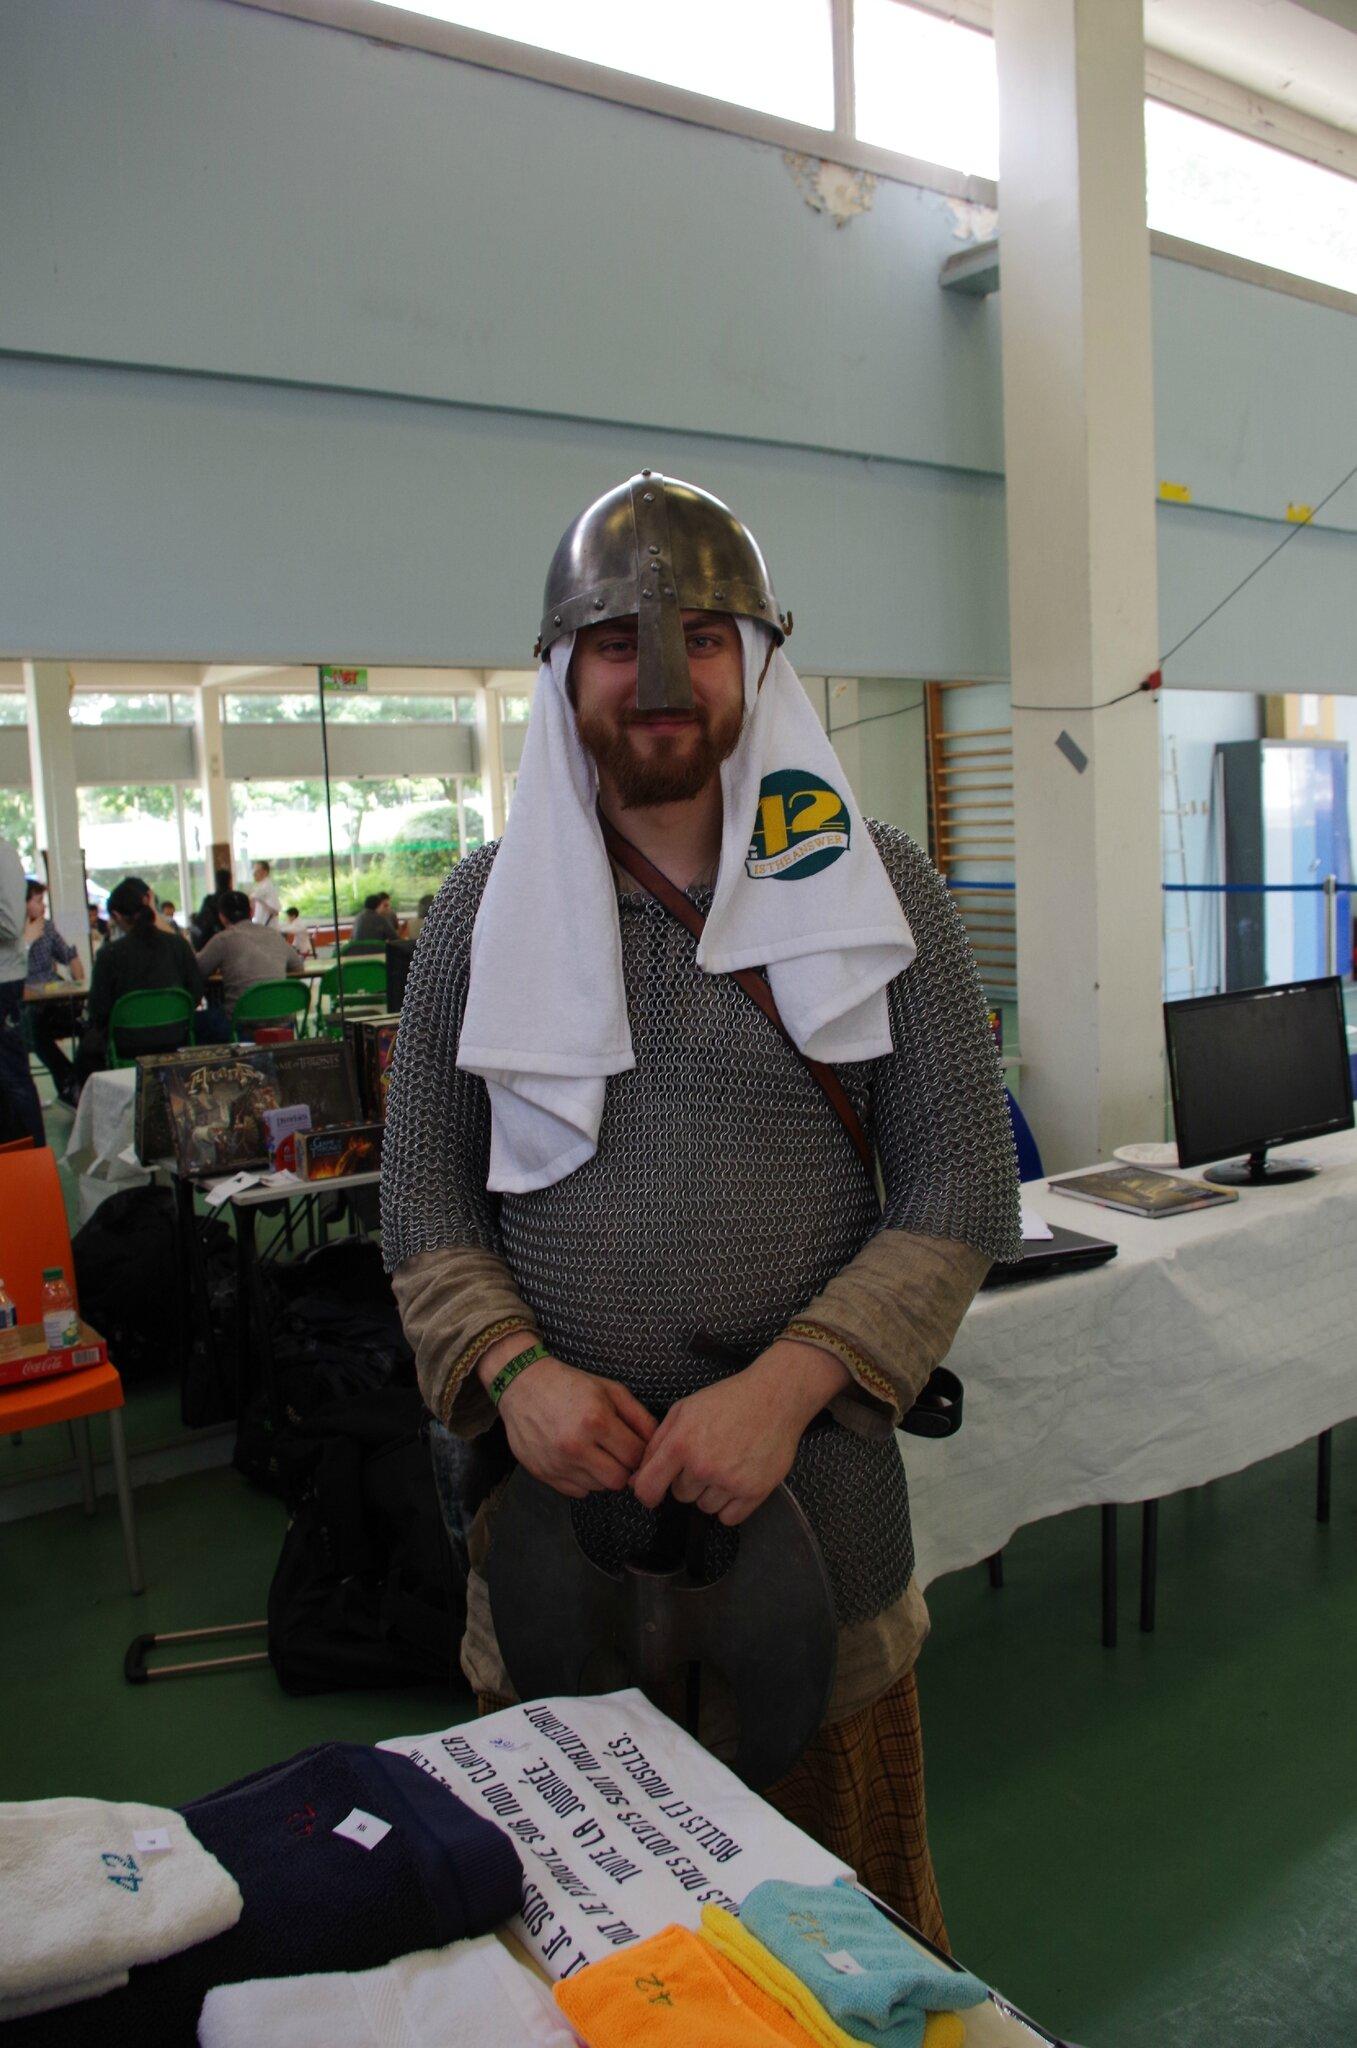 Un chevalier qui n'a pas oublié sa serviette pour le Towel Day !